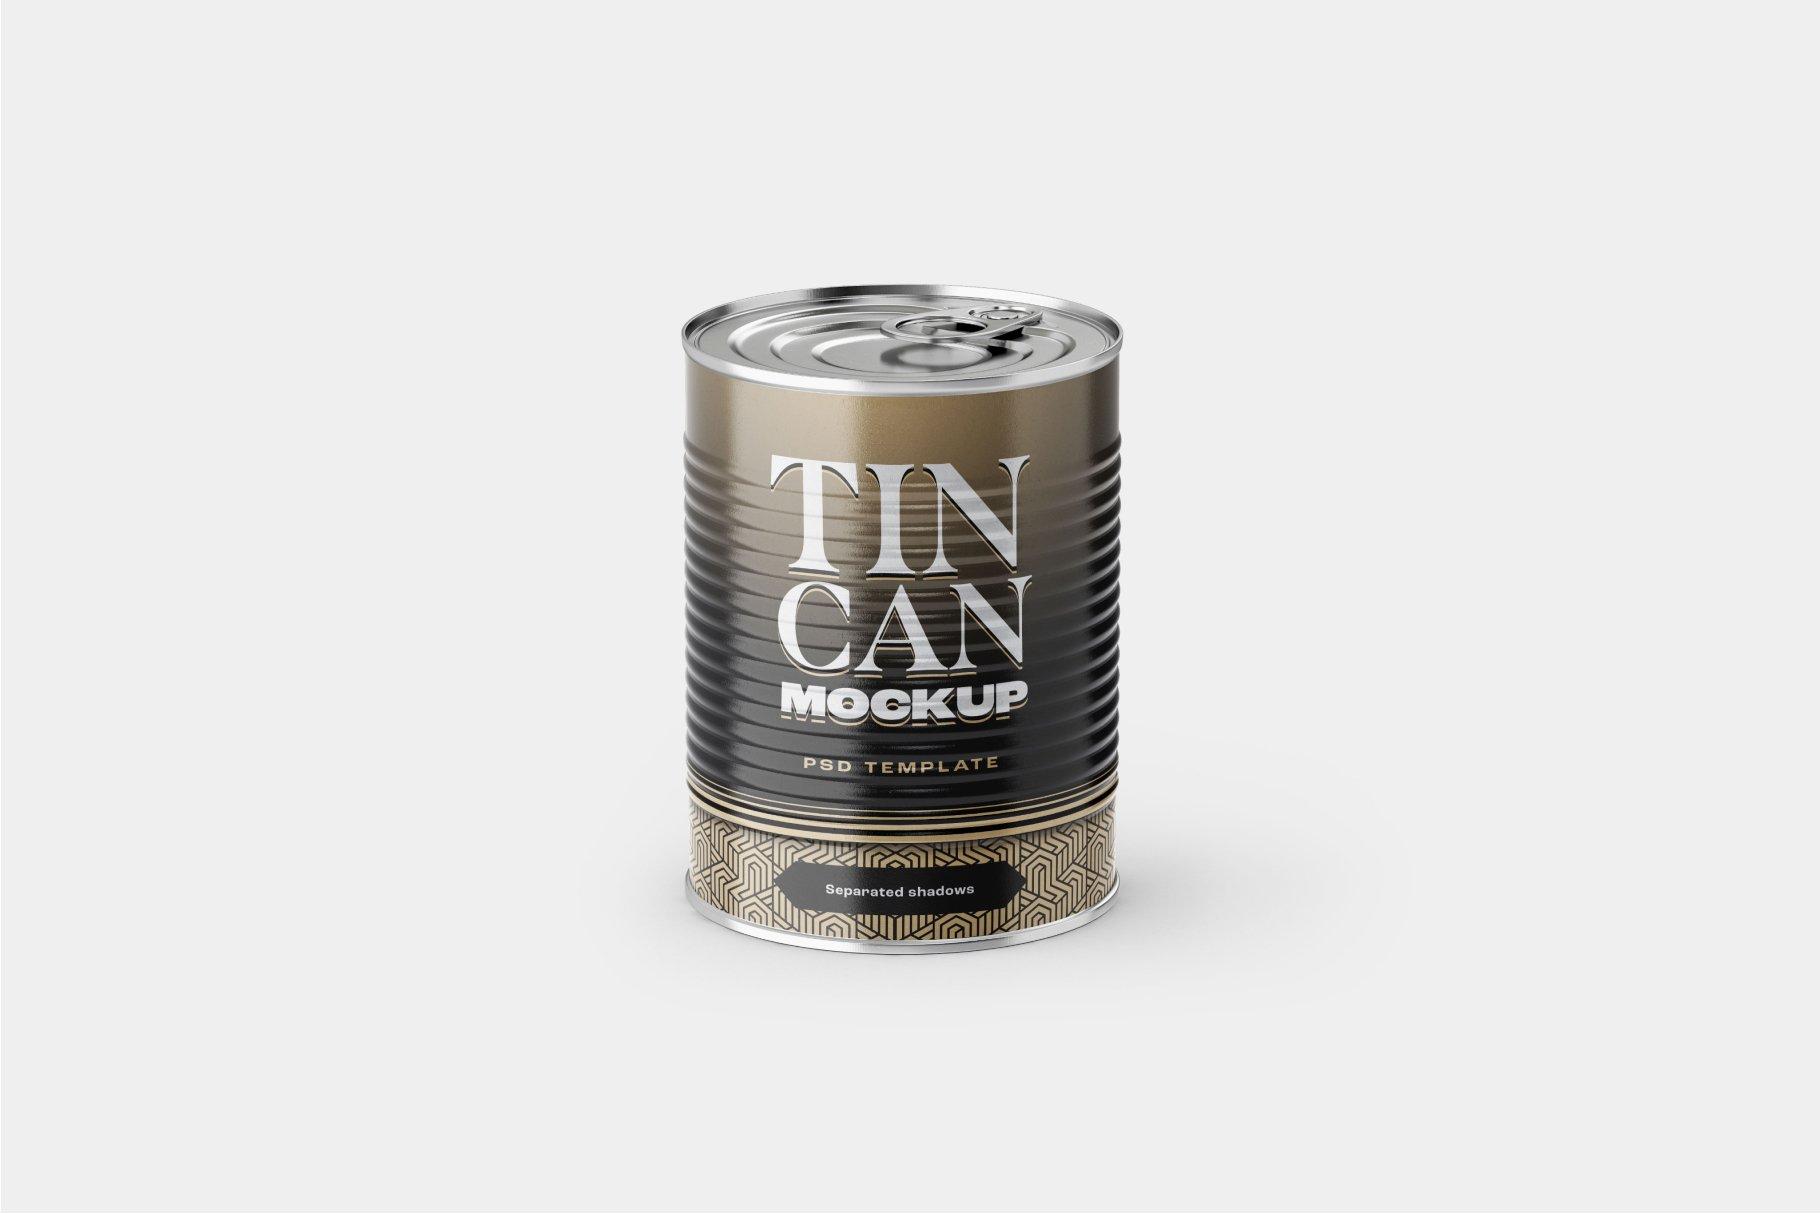 9款食品罐头金属锡罐包装样机模板素材合集 Tin Can Mockup Set | Conserve插图3